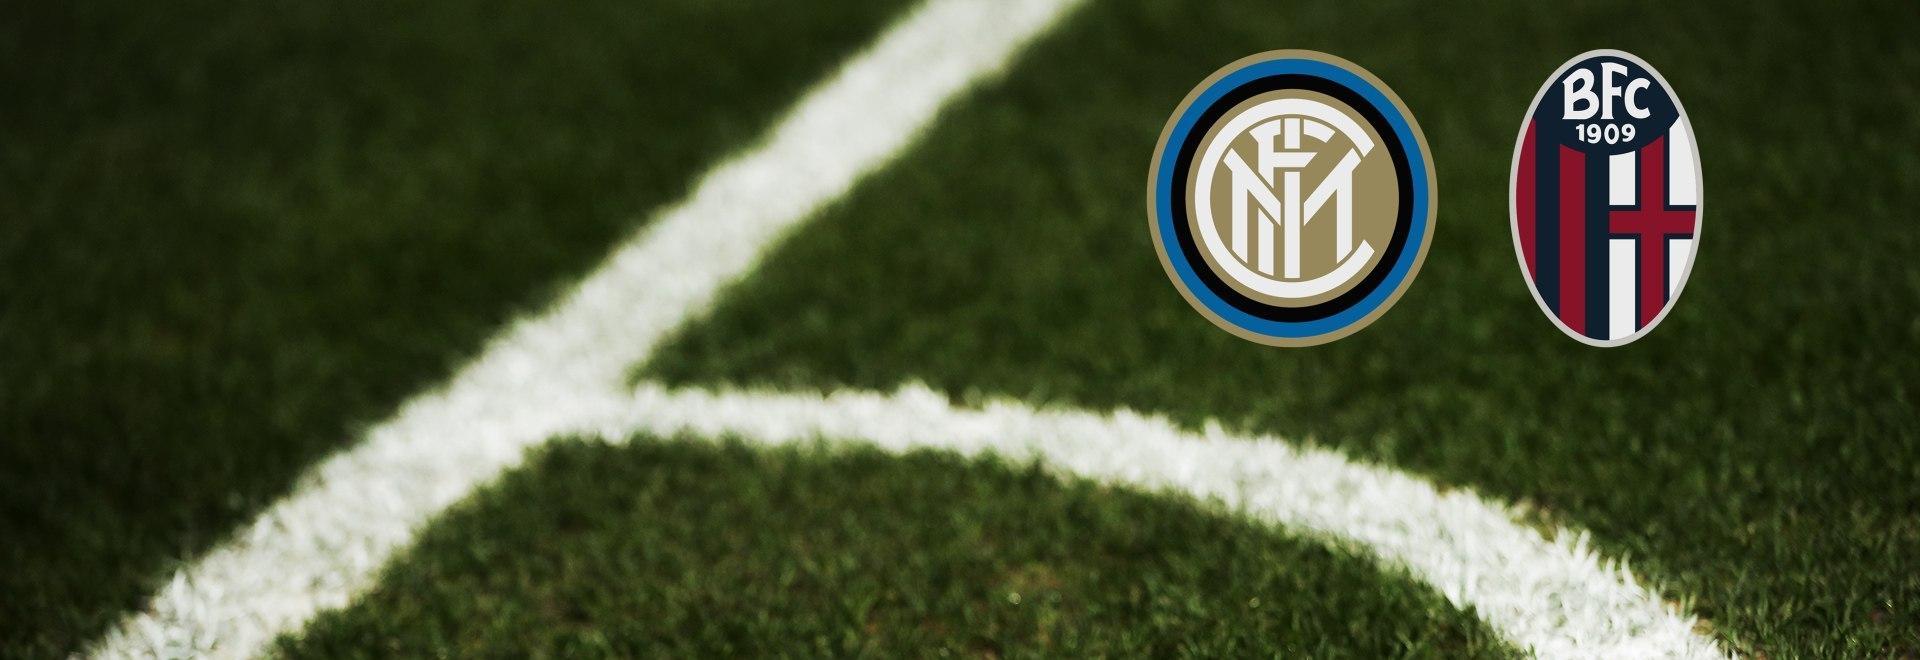 Inter - Bologna. 30a g.